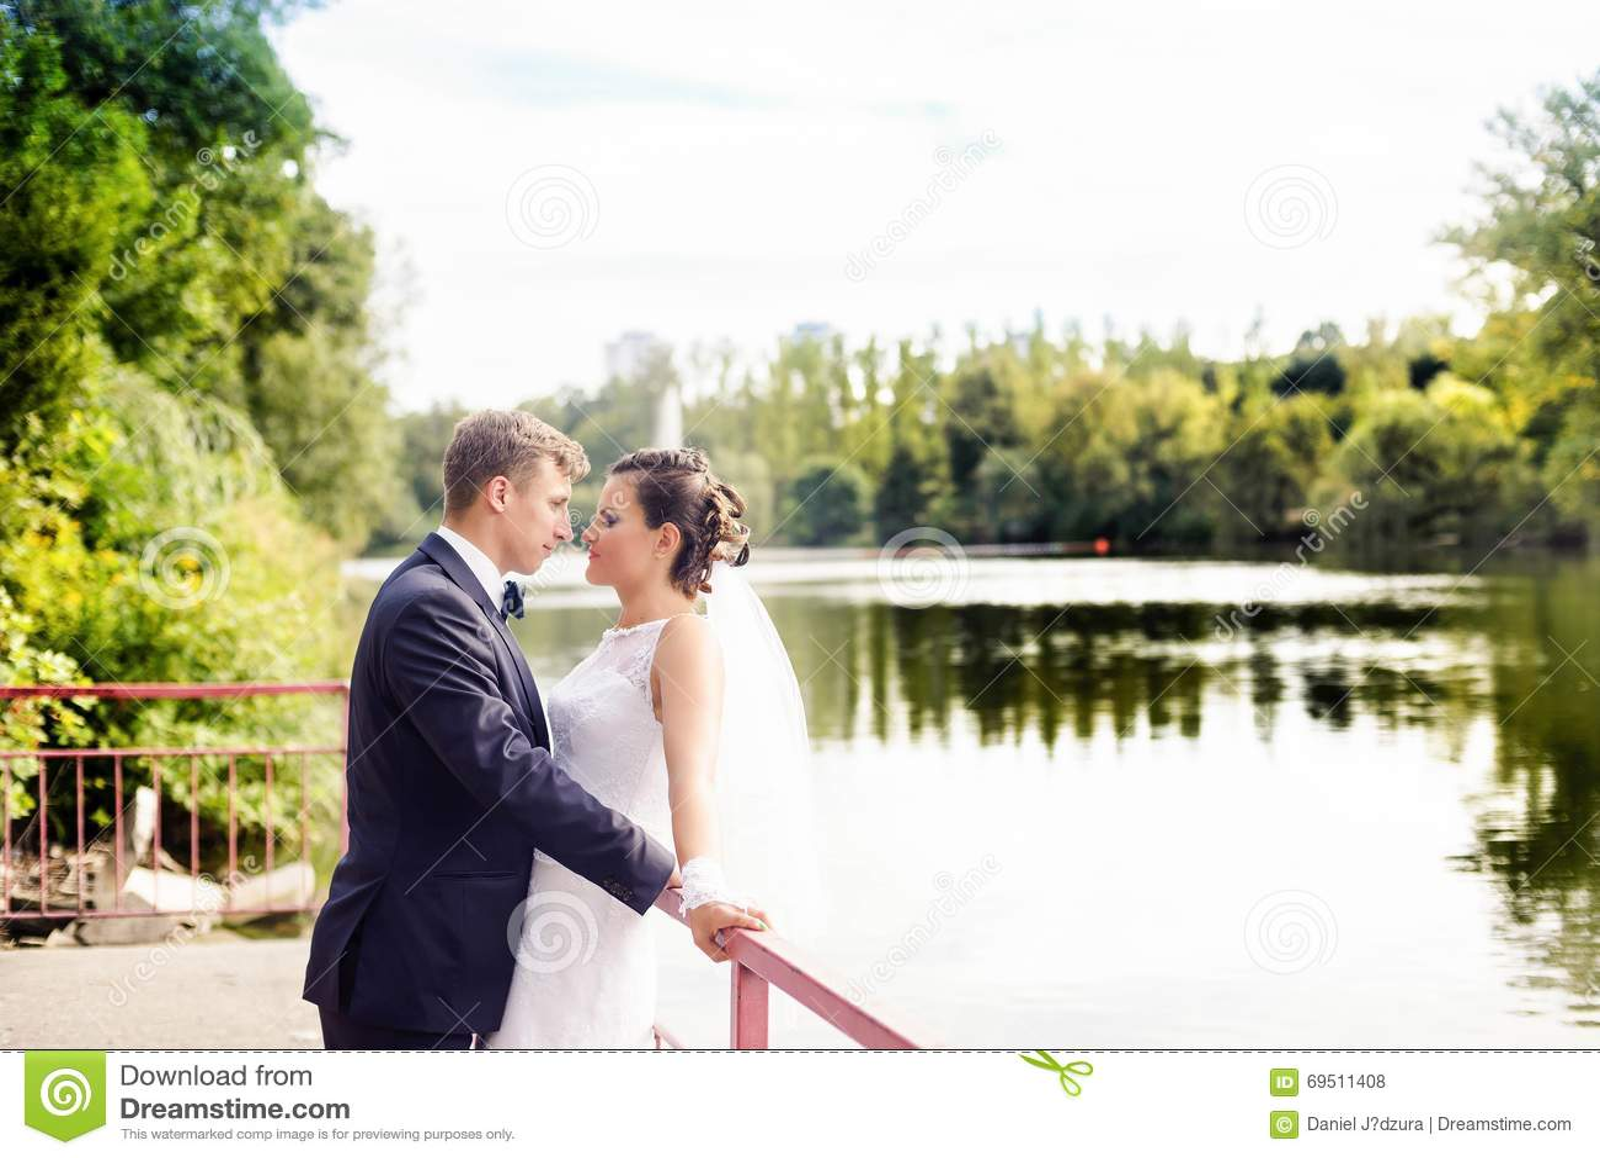 Γαμήλια σύνοδος στο πάρκο